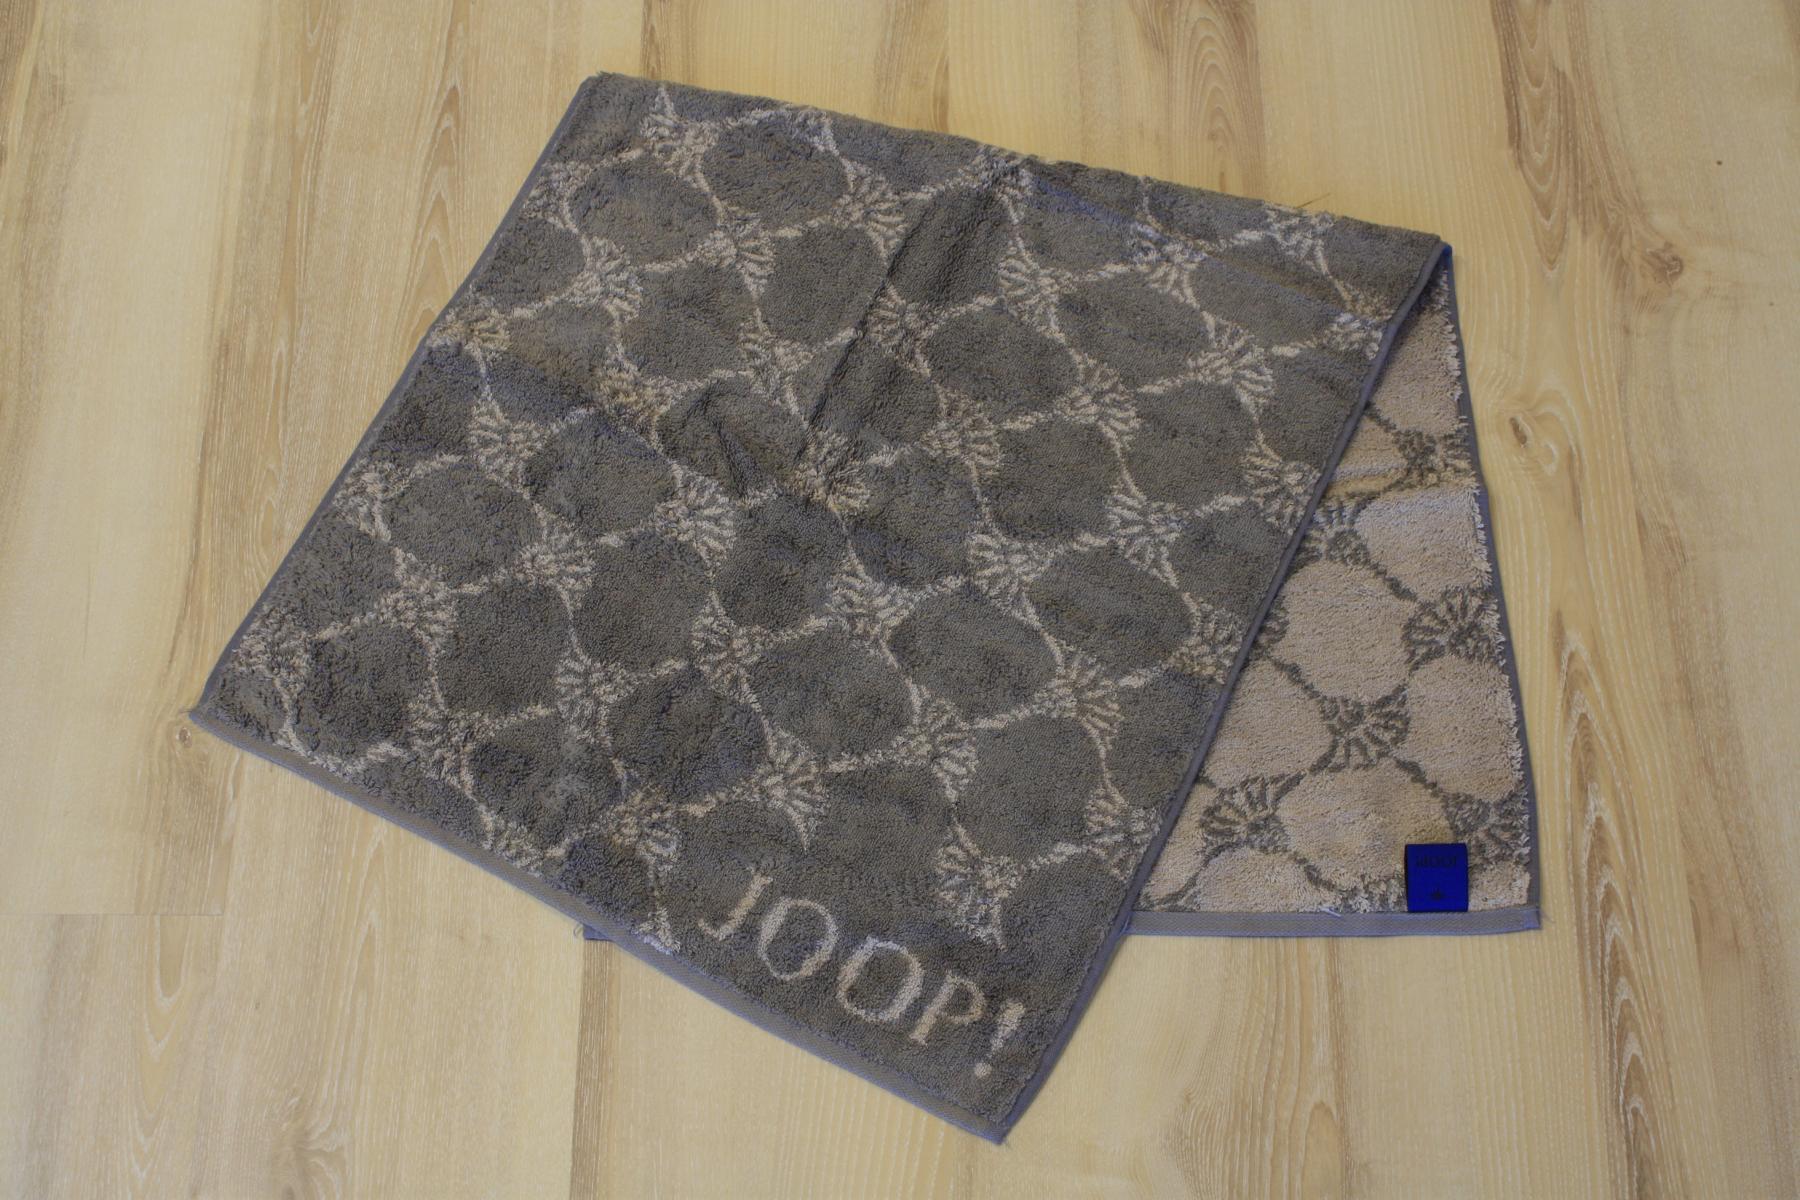 Full Size of Teppich Joop Handtuch 1611 Cornflower Graphit Janning Schlafzimmer Wohnzimmer Steinteppich Bad Küche Teppiche Badezimmer Für Esstisch Wohnzimmer Teppich Joop